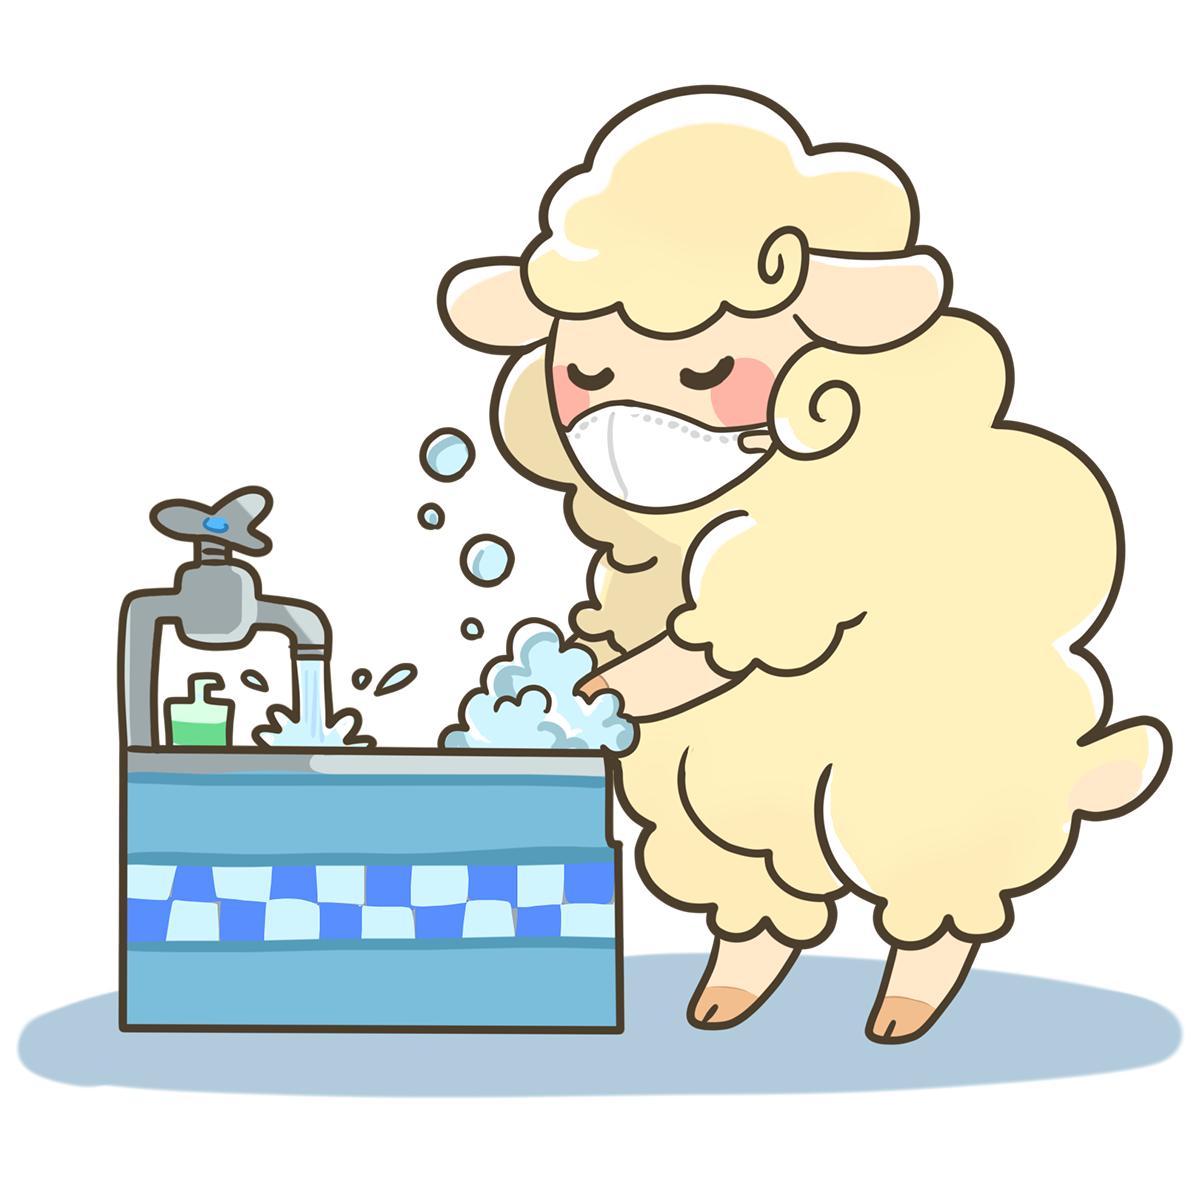 マスクをして手洗いをする羊(ひつじ)